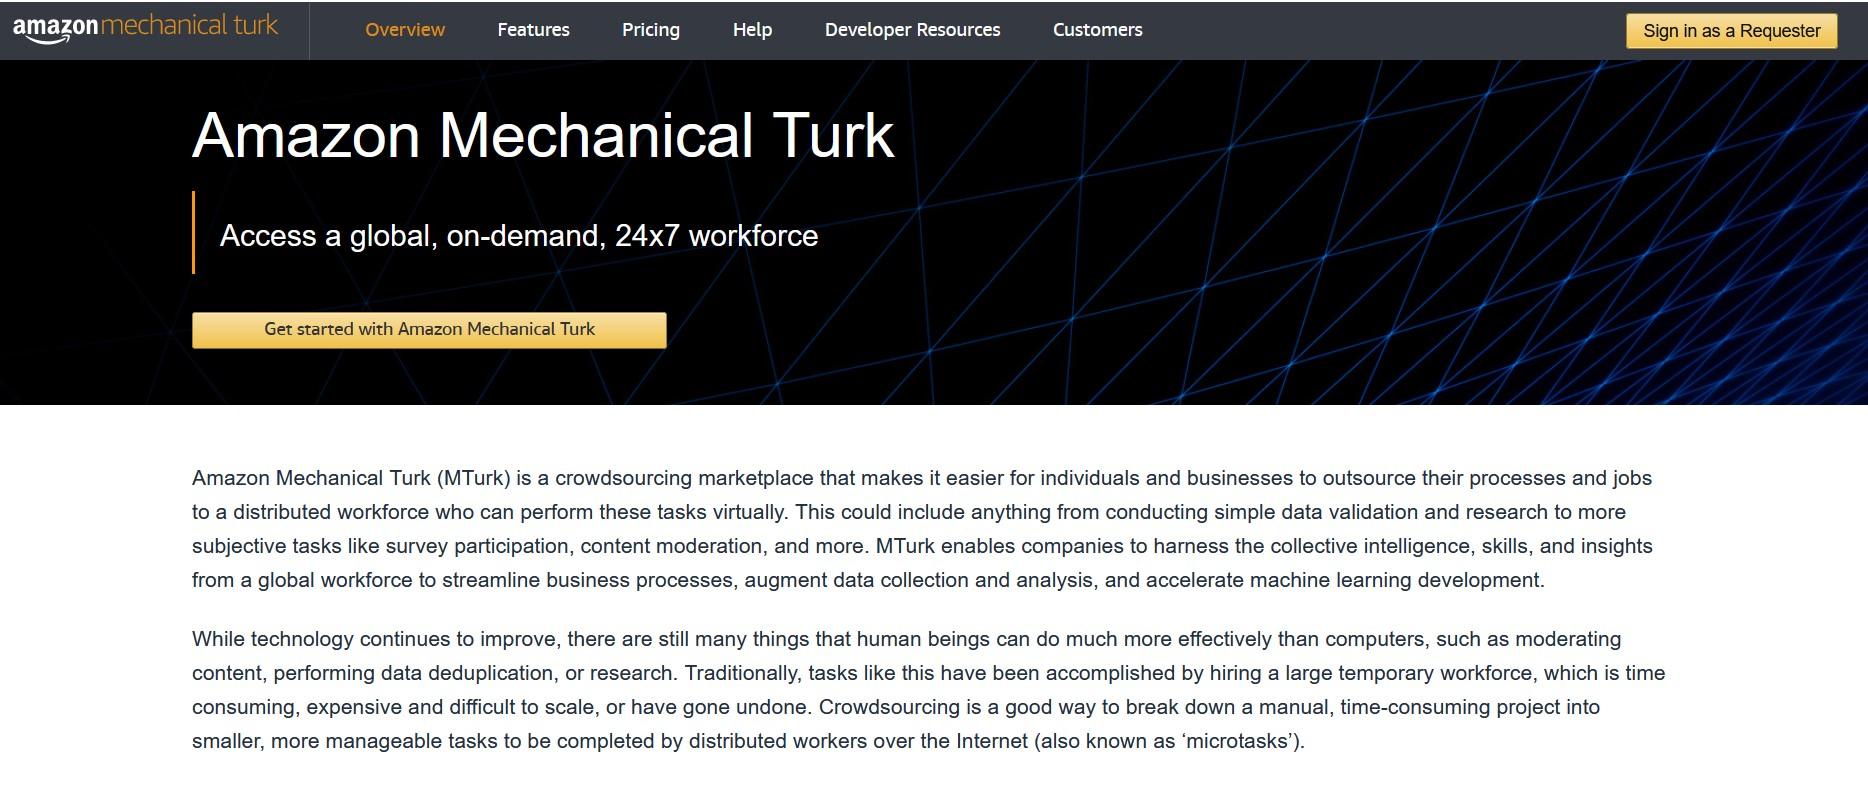 Gagnez de l'argent avec Mechanical Turk d'Amazon (MTurk pour les intimes)